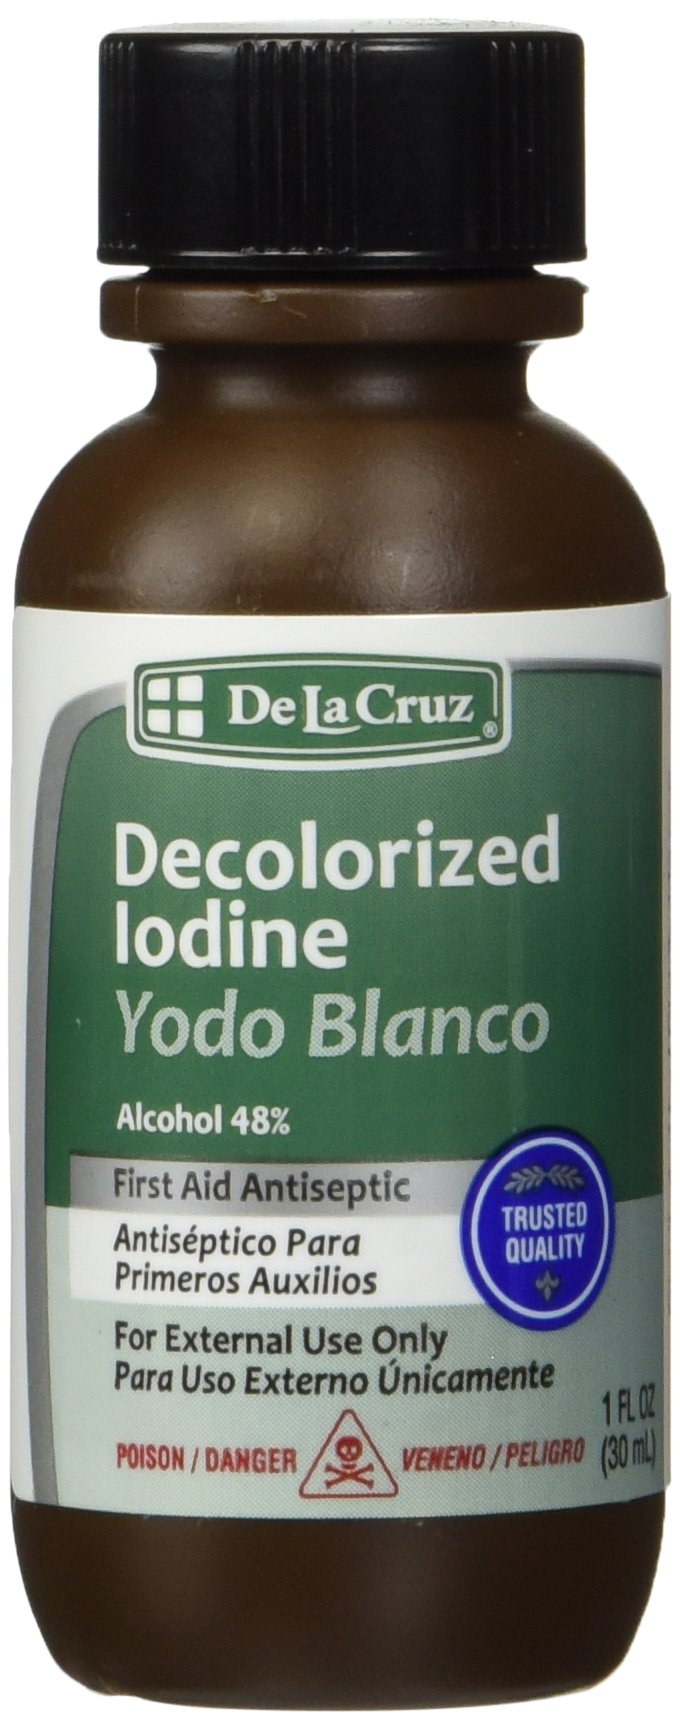 De La Cruz Decolorized Iodine